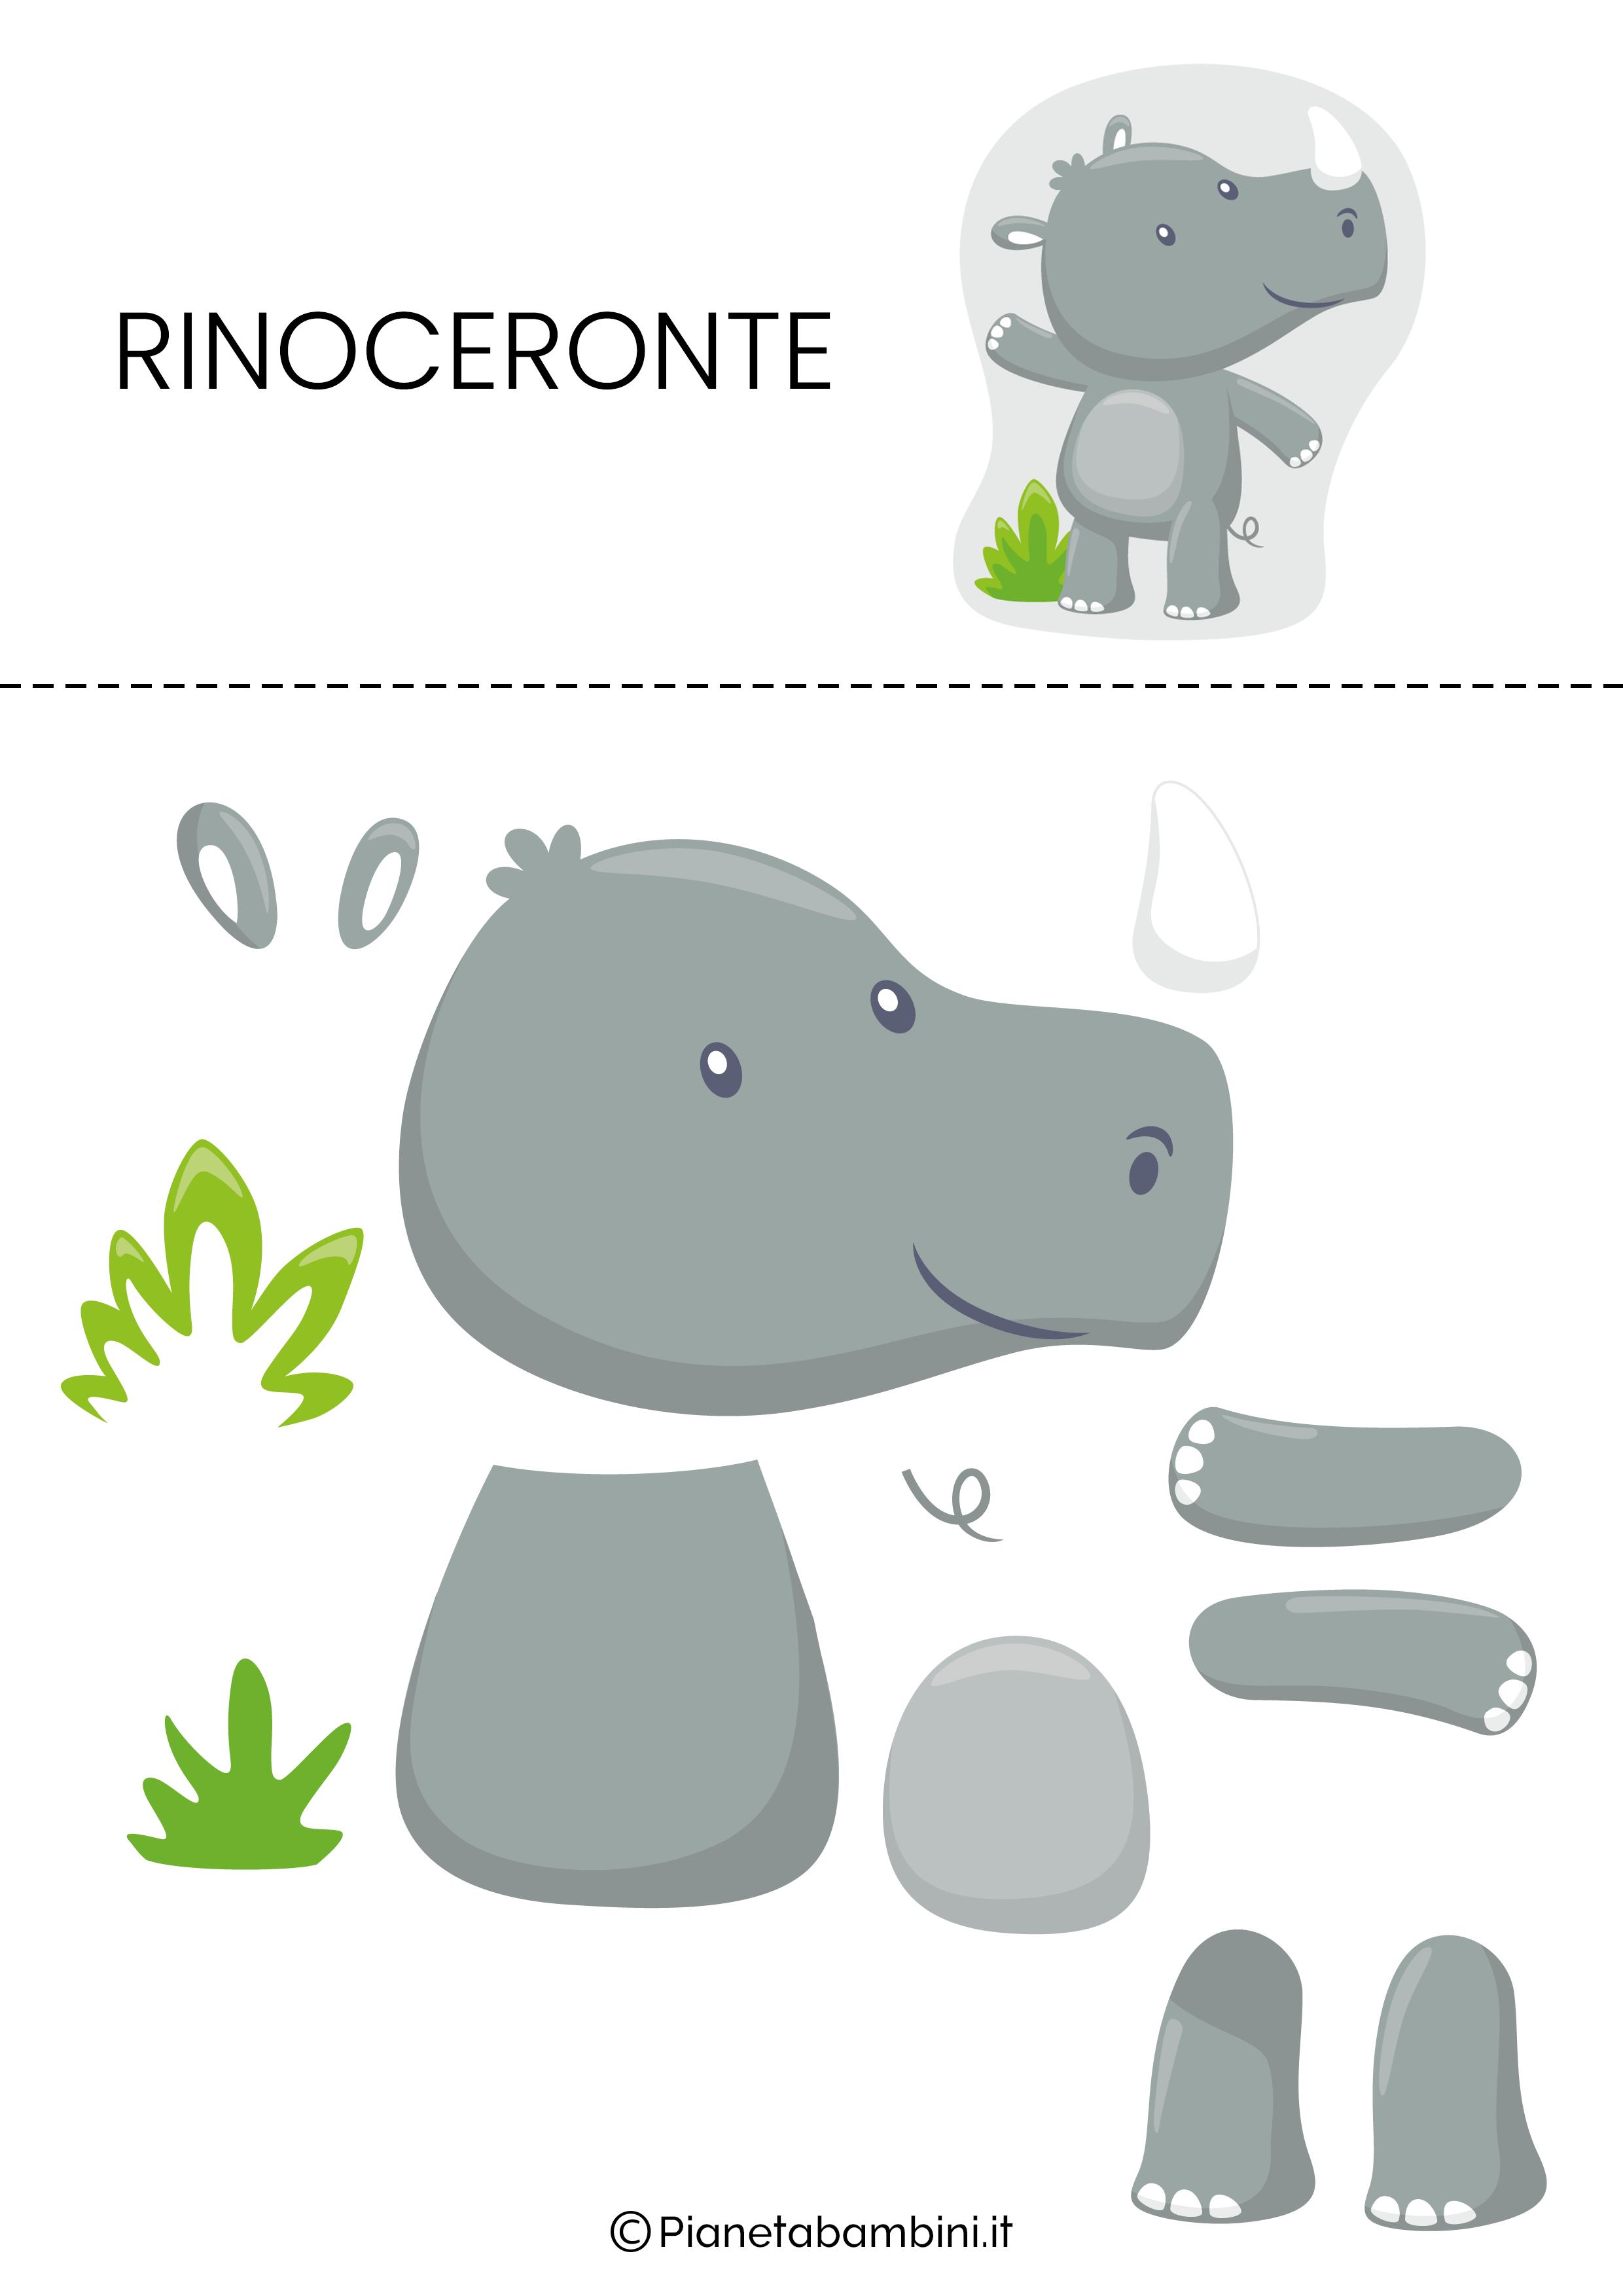 Puzzle da ritagliare e ricomporre sul rinoceronte